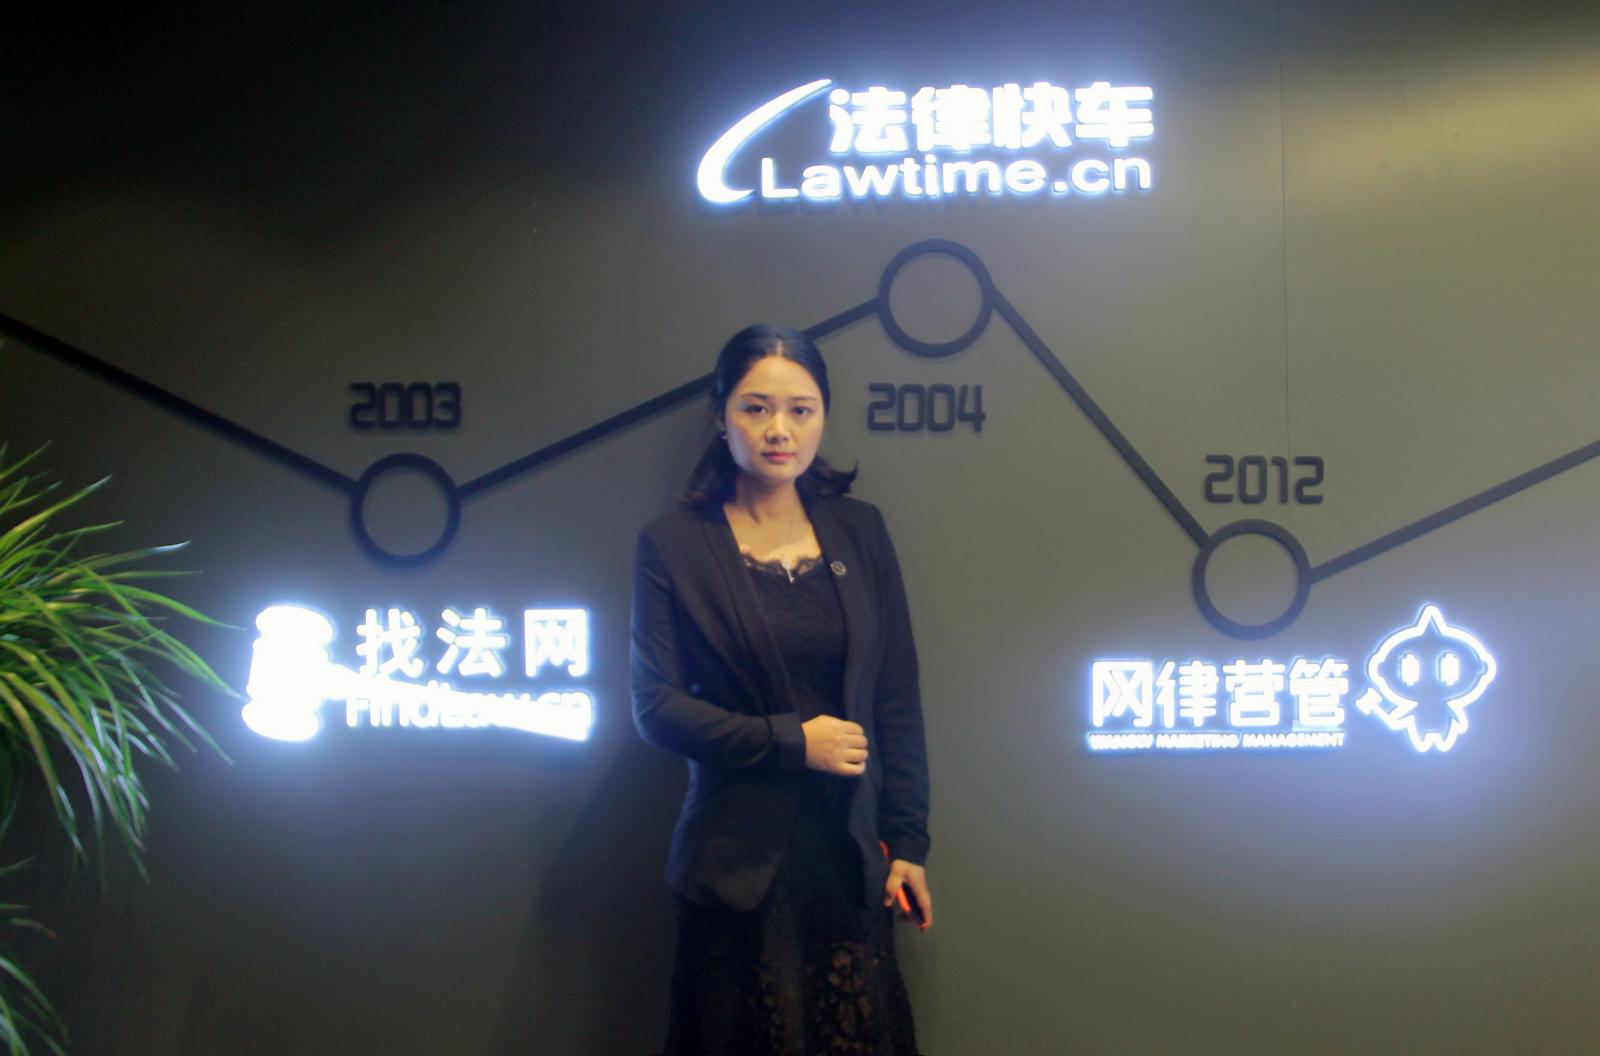 赵婧律师受邀录制找法网法律视频